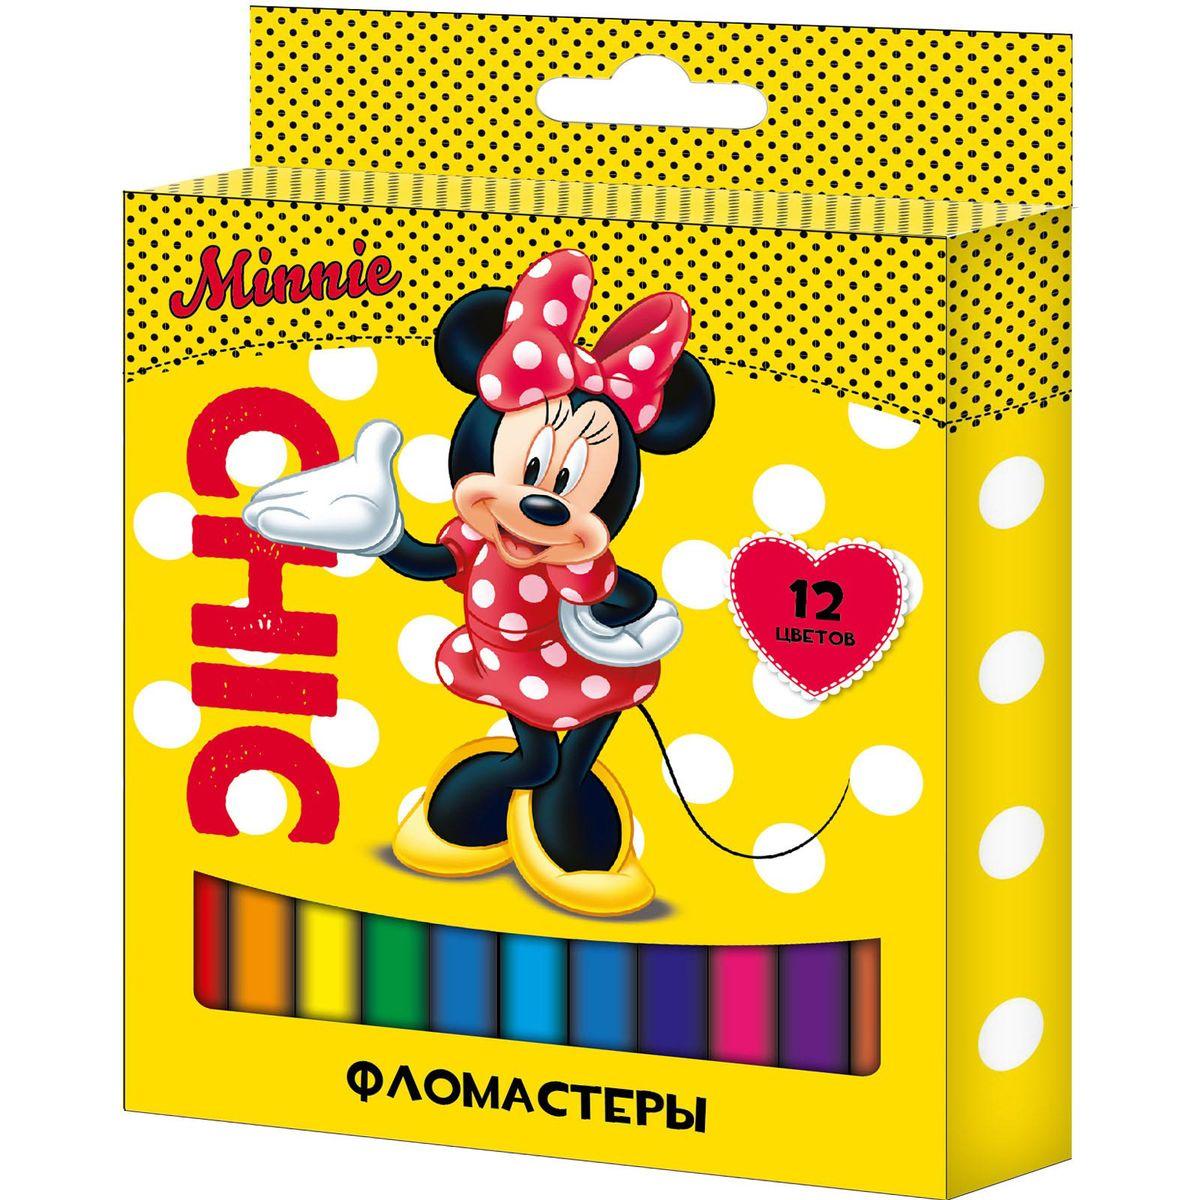 Disney Набор фломастеров Минни 12 цветов150386Набор фломастеров Disney Минни поможет вашему ребенку создать неповторимые яркие картинки, а упаковка с любимой героиней будет долгое время радовать малышку.Фломастеры снабжены вентилируемыми колпачками, безопасными для детей. Изготовлены из материала, обеспечивающего прочность корпуса и препятствующего испарению чернил, благодаря этому фломастеры имеют гарантированно долгий срок службы: корпус не ломается, даже если согнуть фломастер пополам.